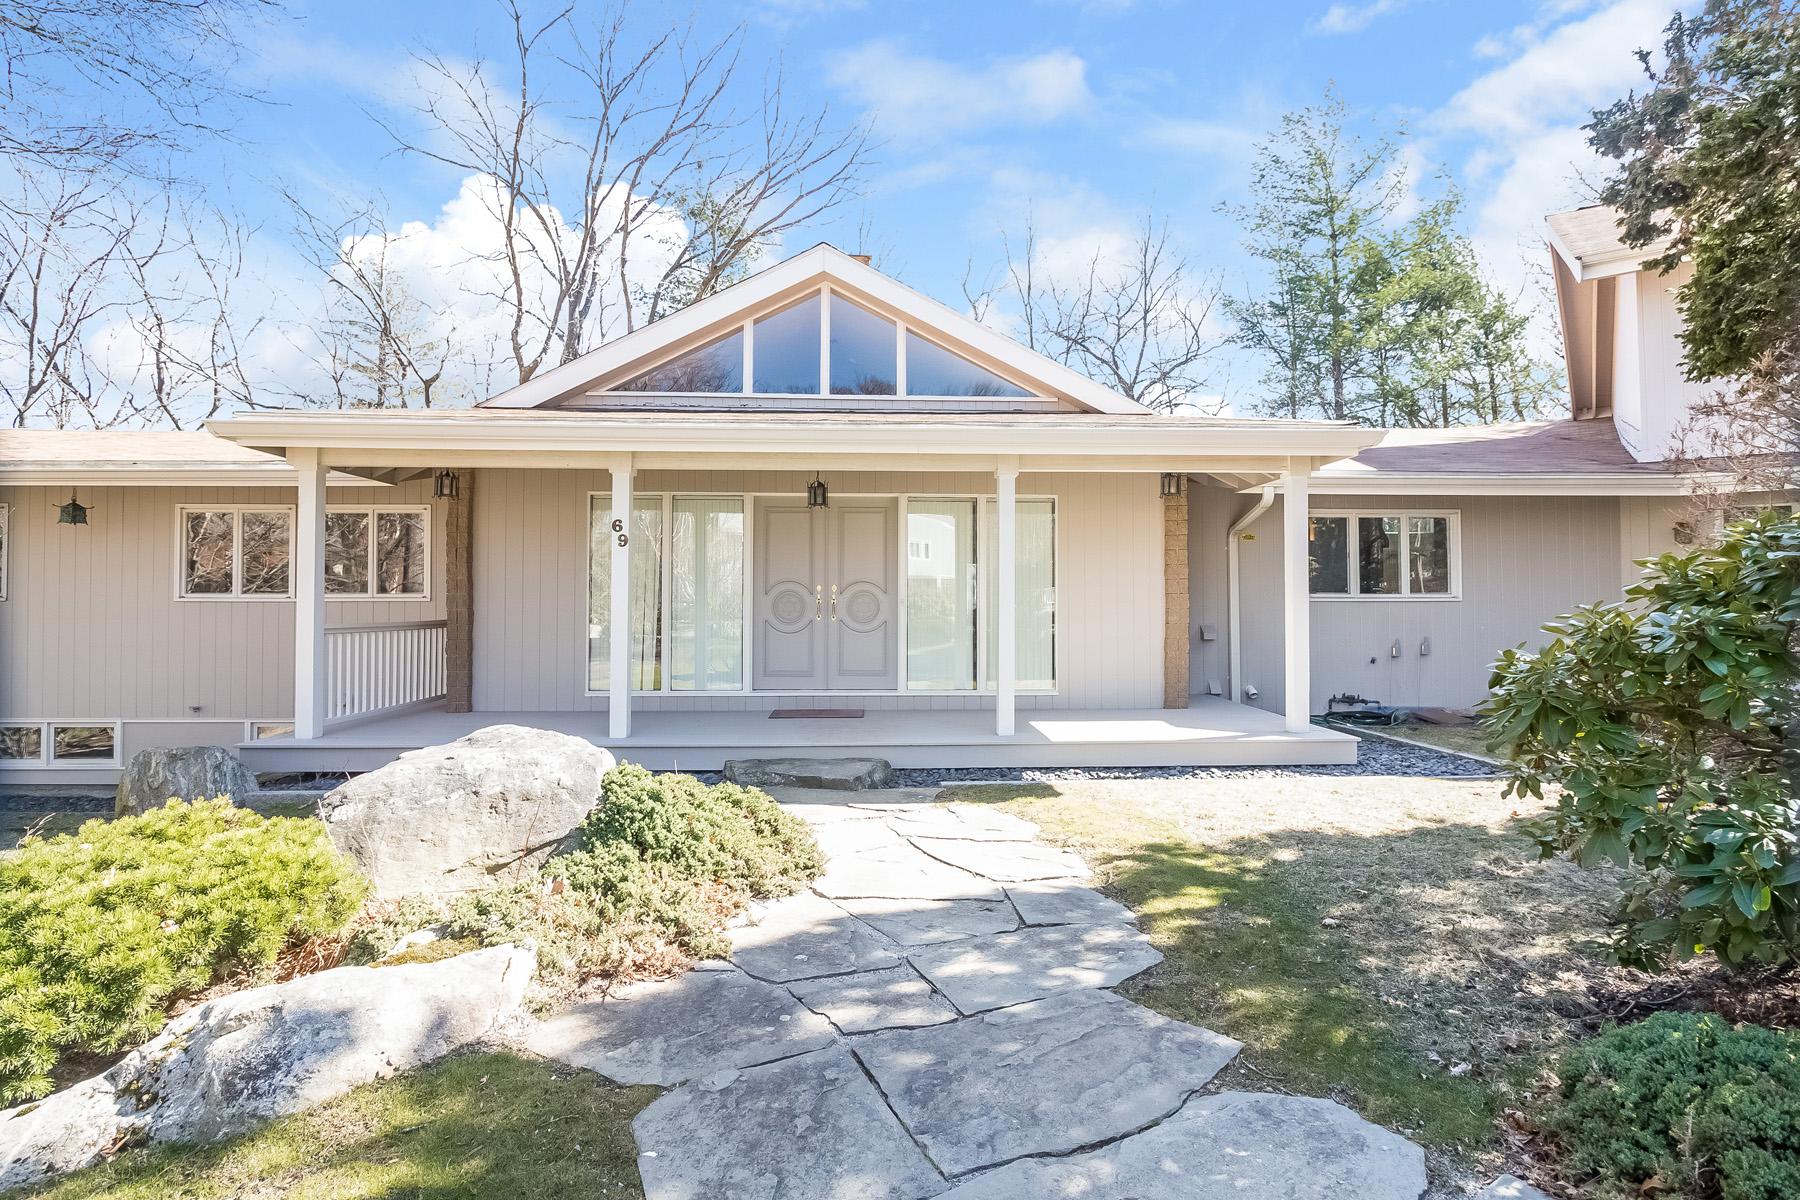 Tek Ailelik Ev için Satış at 69 Crestwood Rd, Newton Newton, Massachusetts, 02465 Amerika Birleşik Devletleri